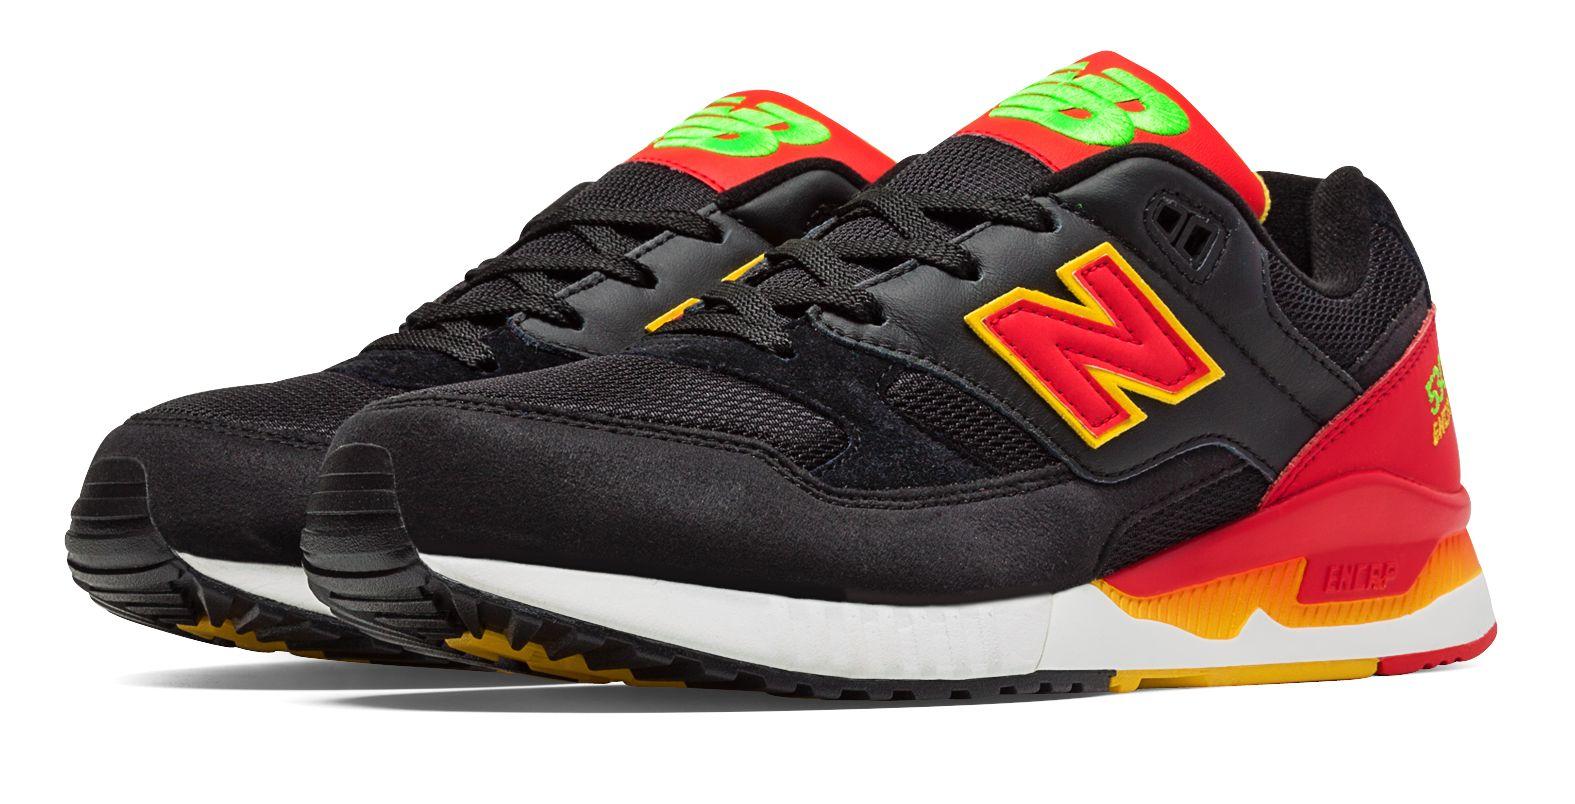 撒旦晒物篇——我海淘的第一双new balance 新百伦 M530PIN 男子跑鞋